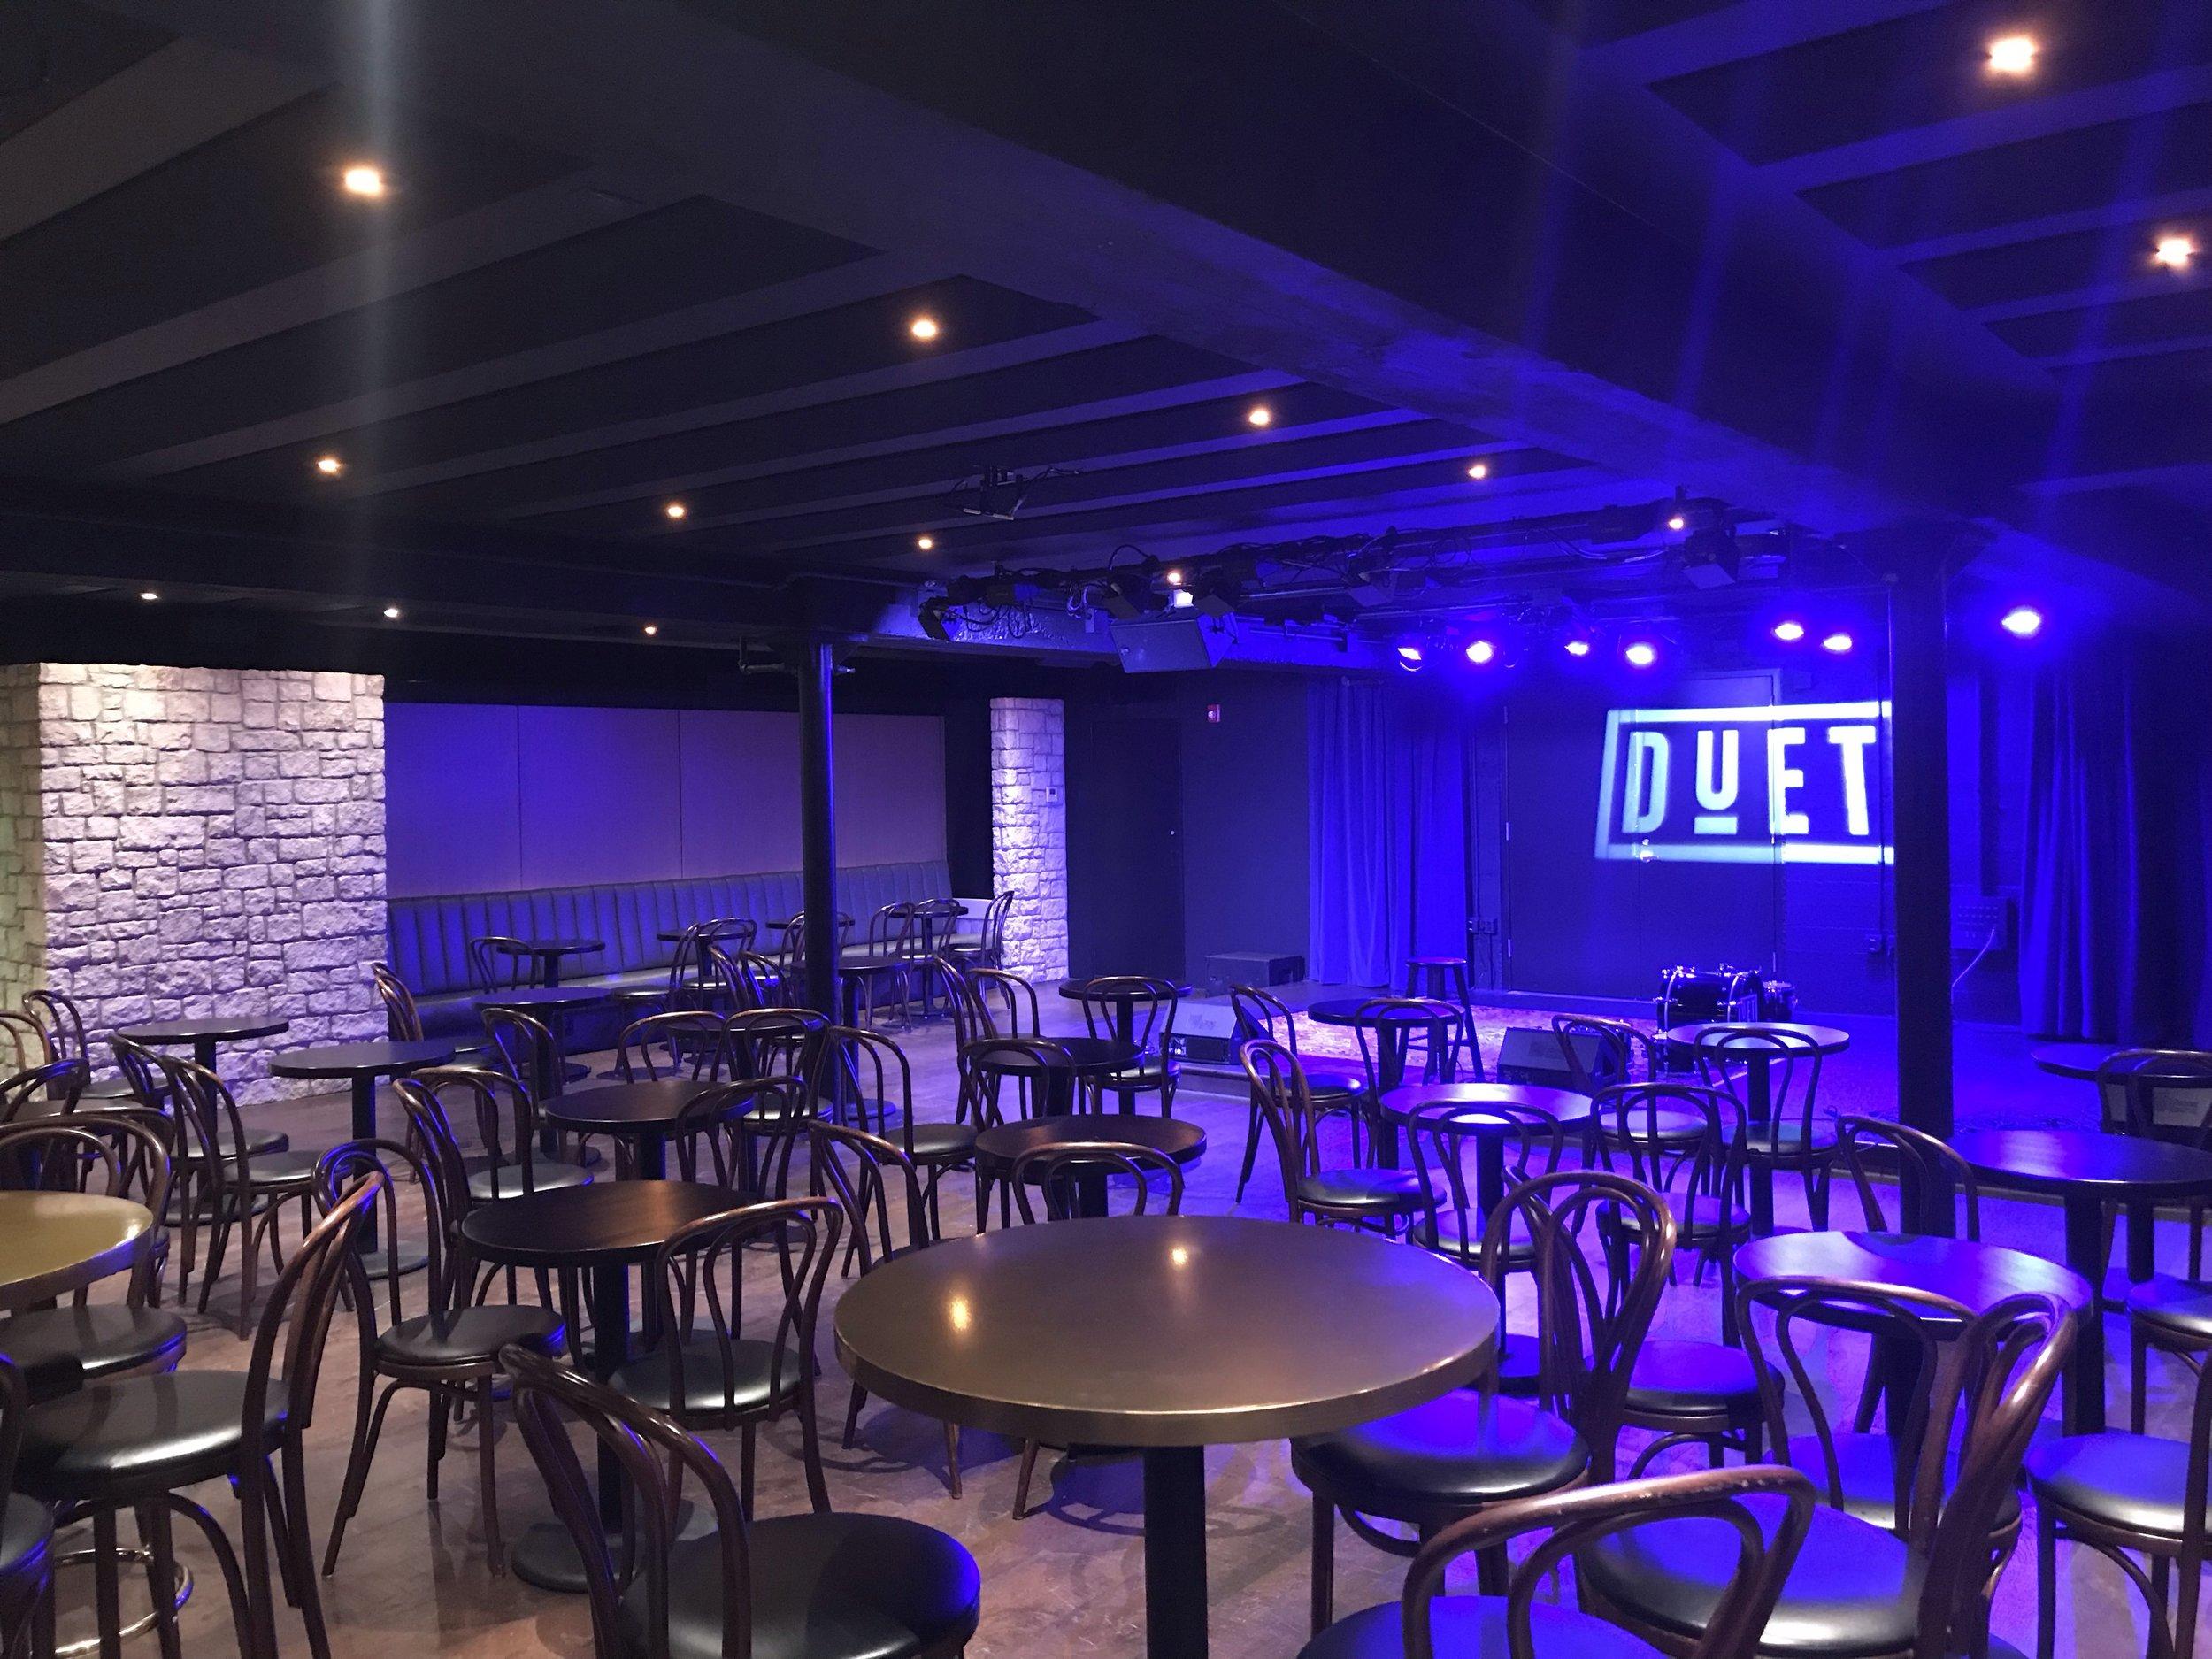 DUET Jazz Club - Archer Building Renovation Tulsa, Oklahoma